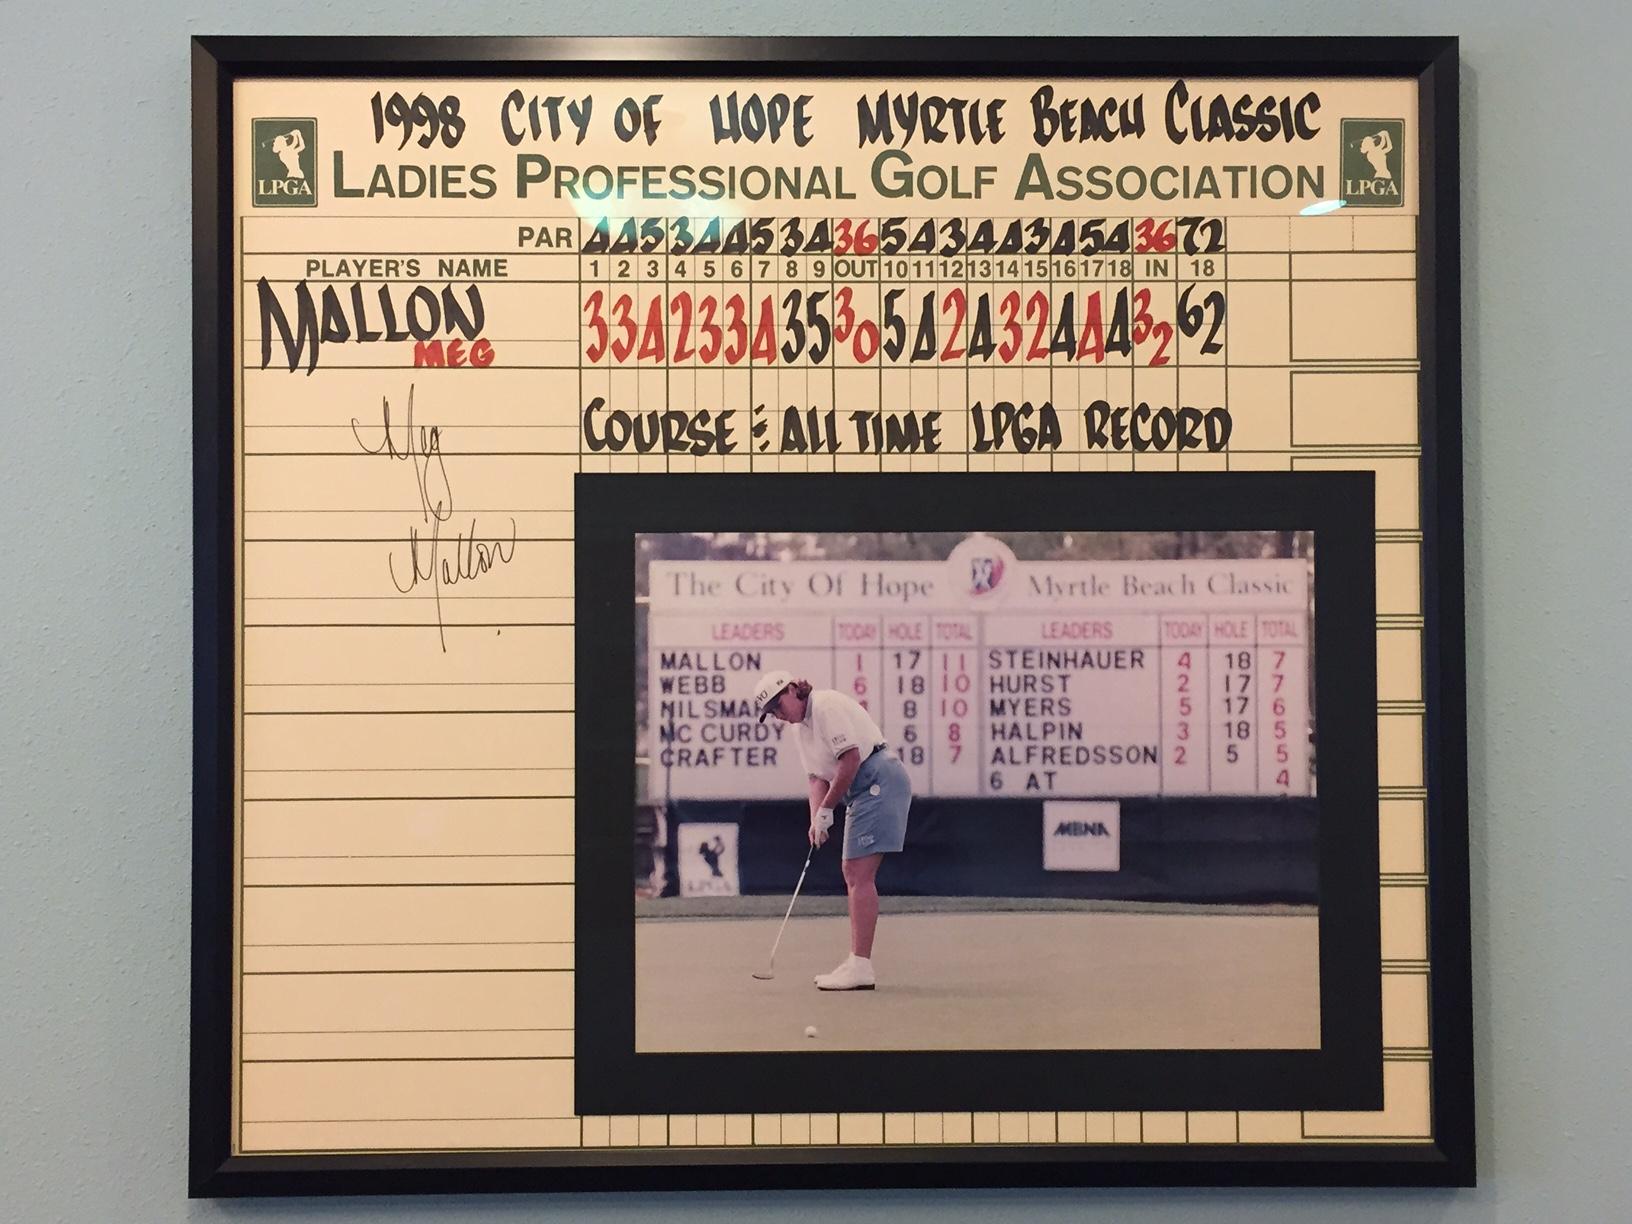 Meg Mallon Scorecard 2